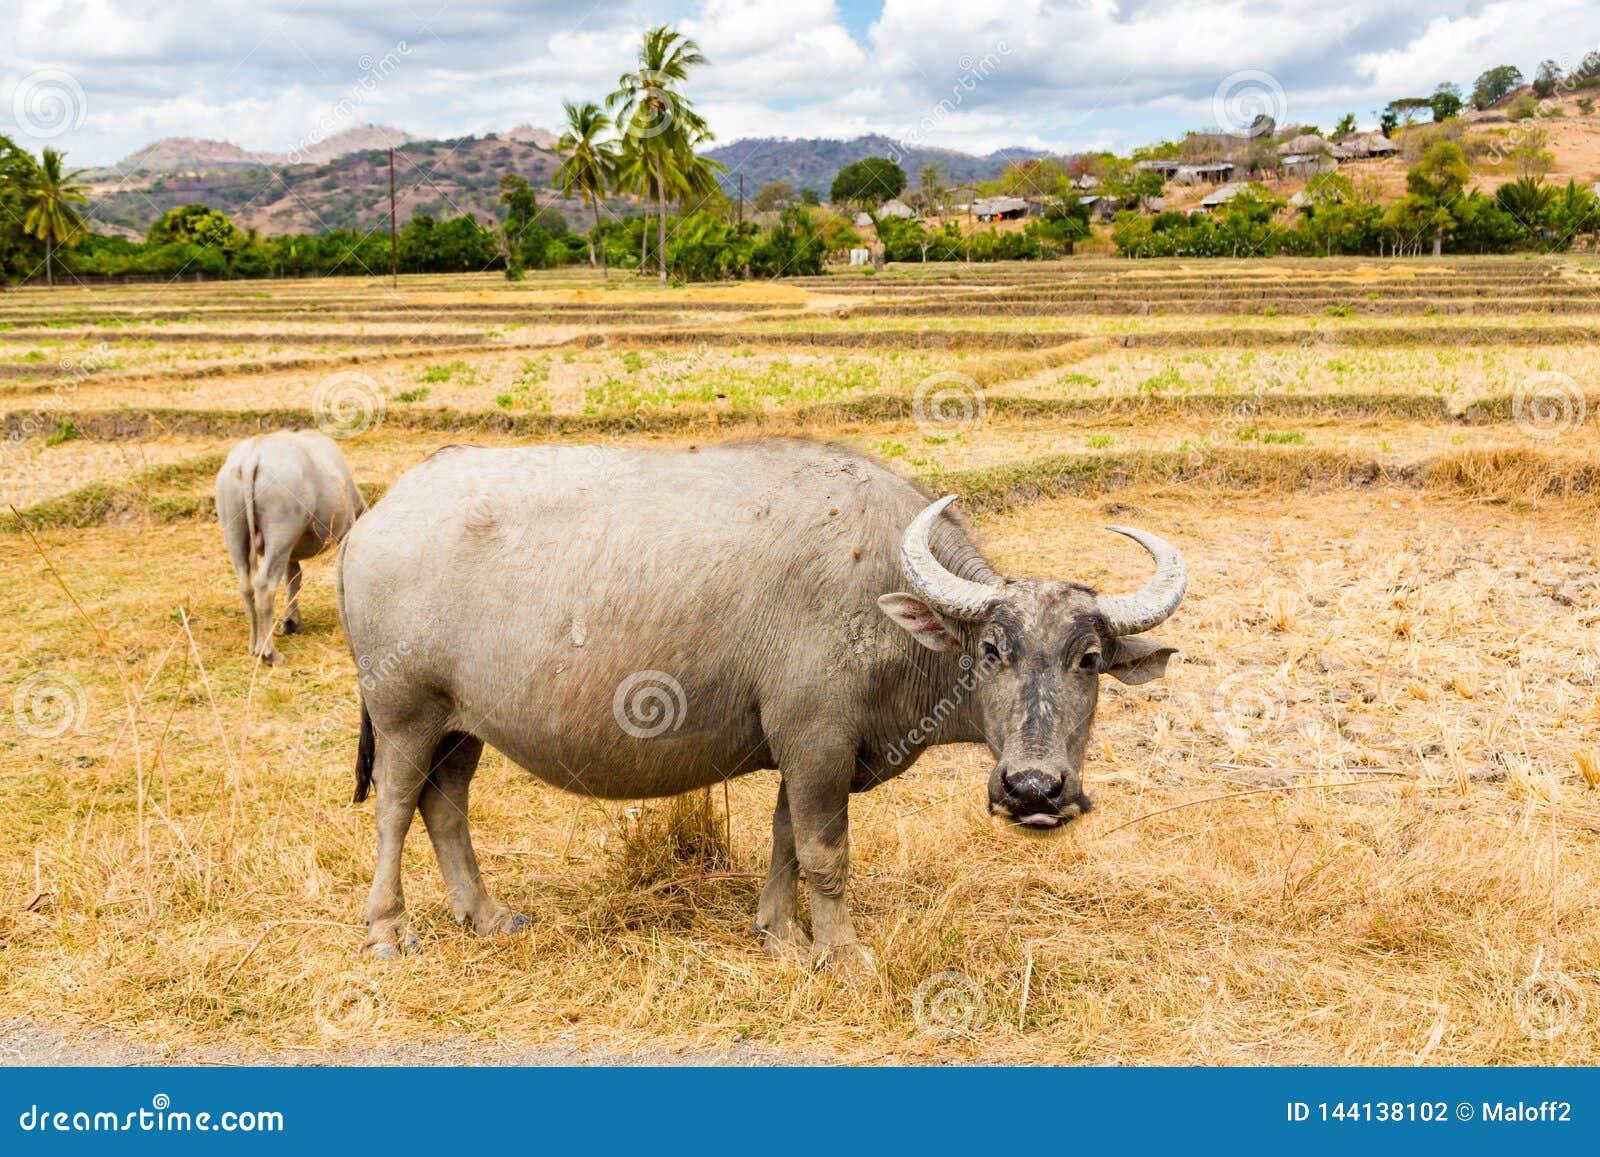 Zwierzę zapas w Azja Południowo-Wschodnia Dwa zebu, bizony lub krowy, bydło na polu Wioska w wiejskim Timor Wschodni, timor -